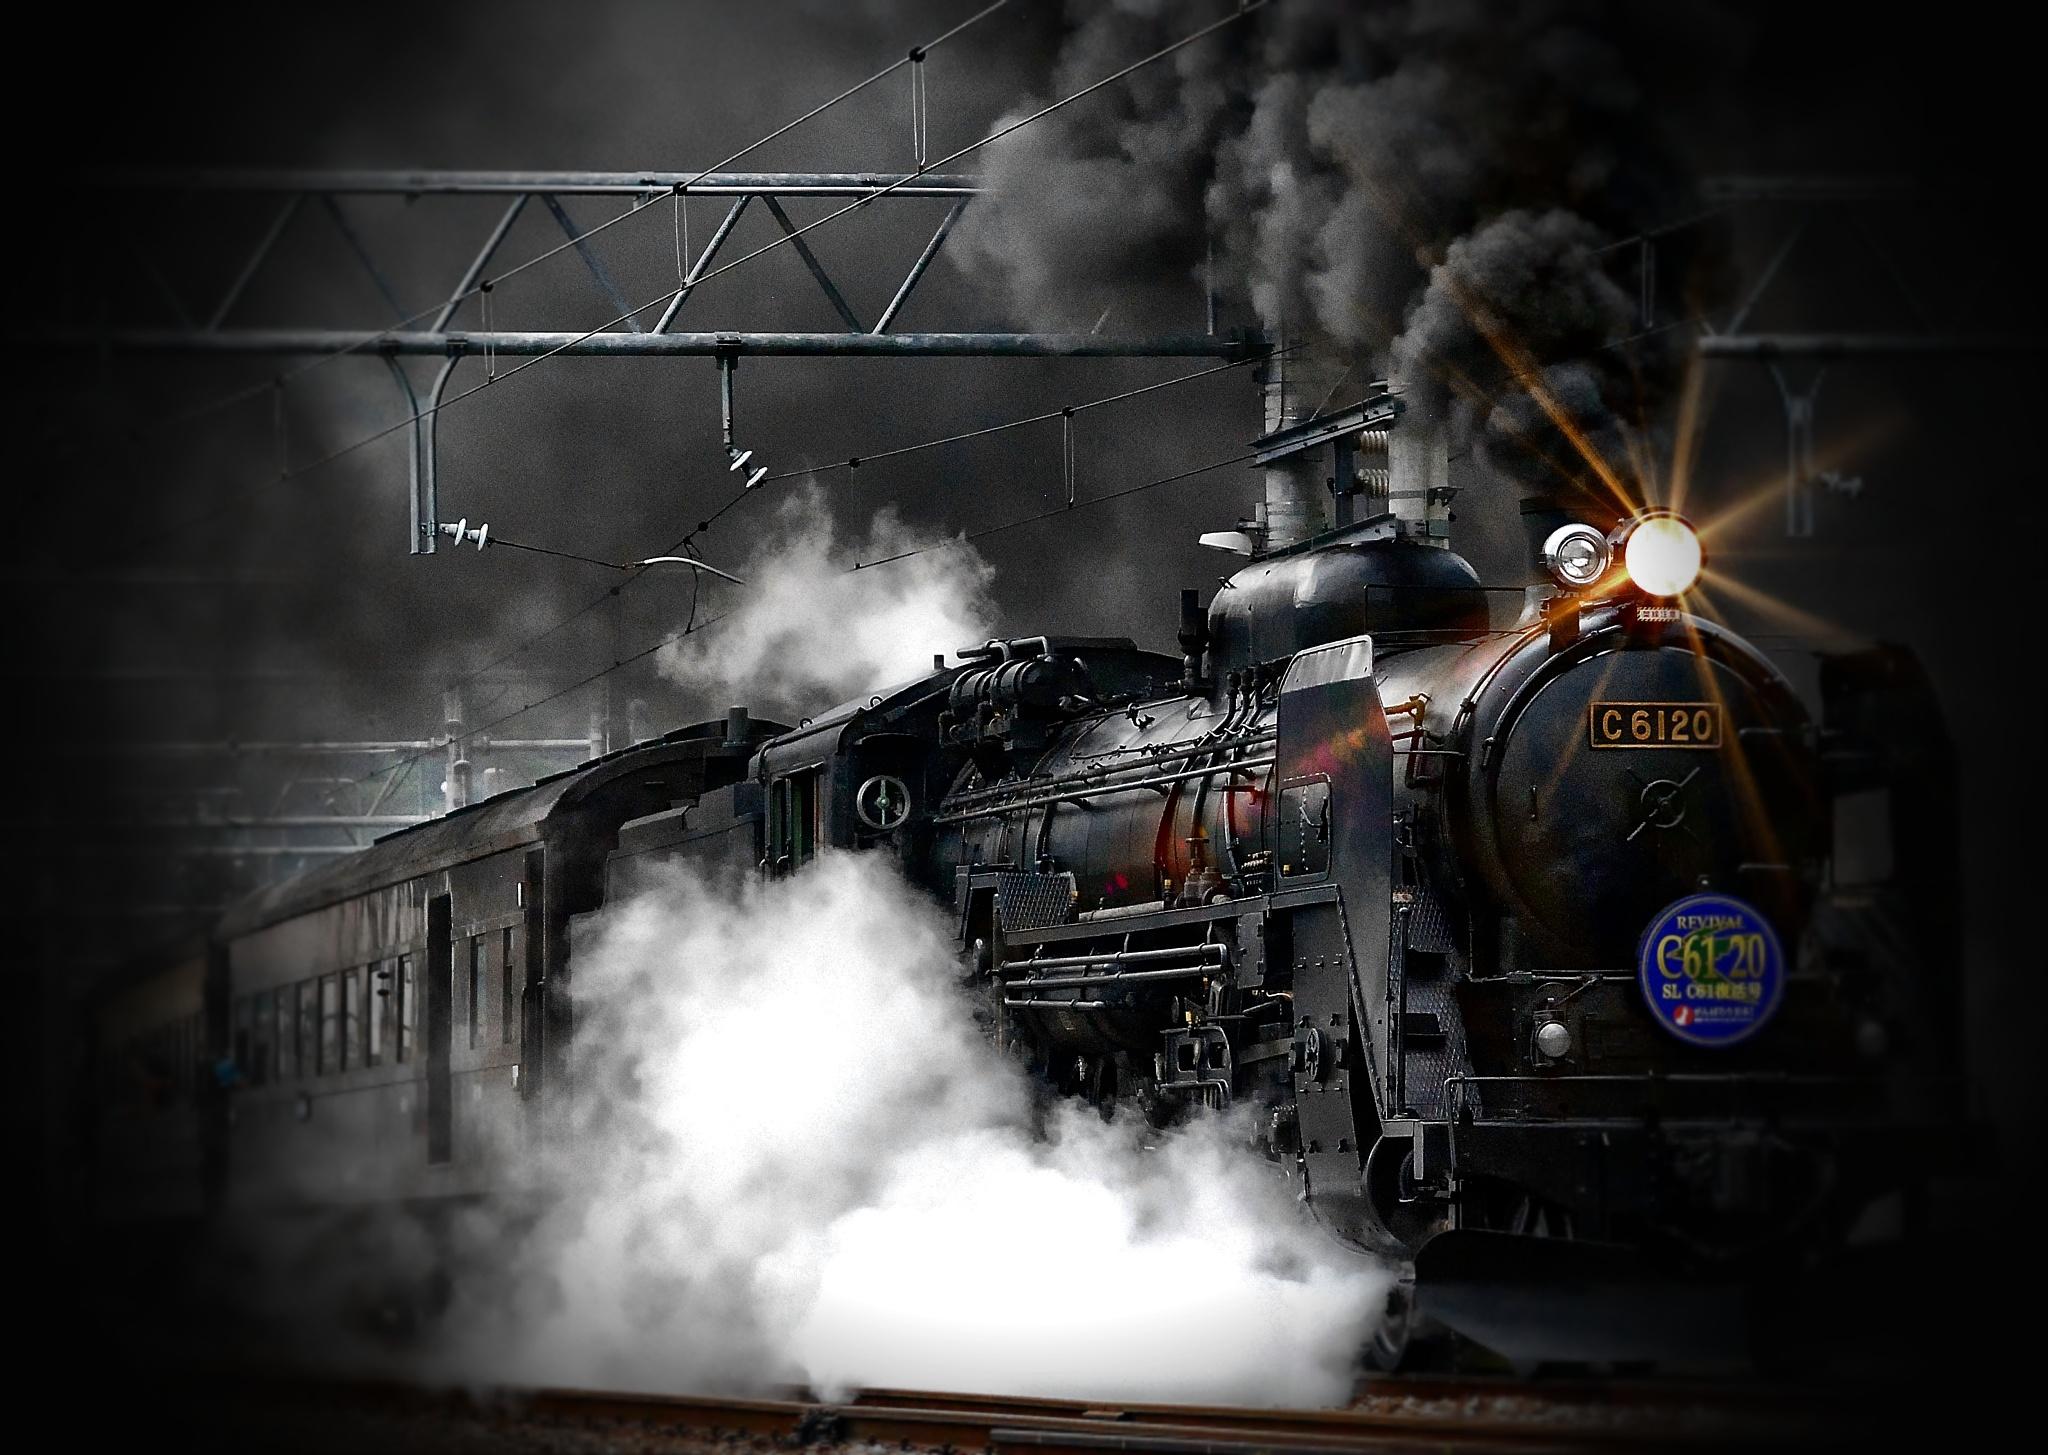 Steaming by Brigitte Werner